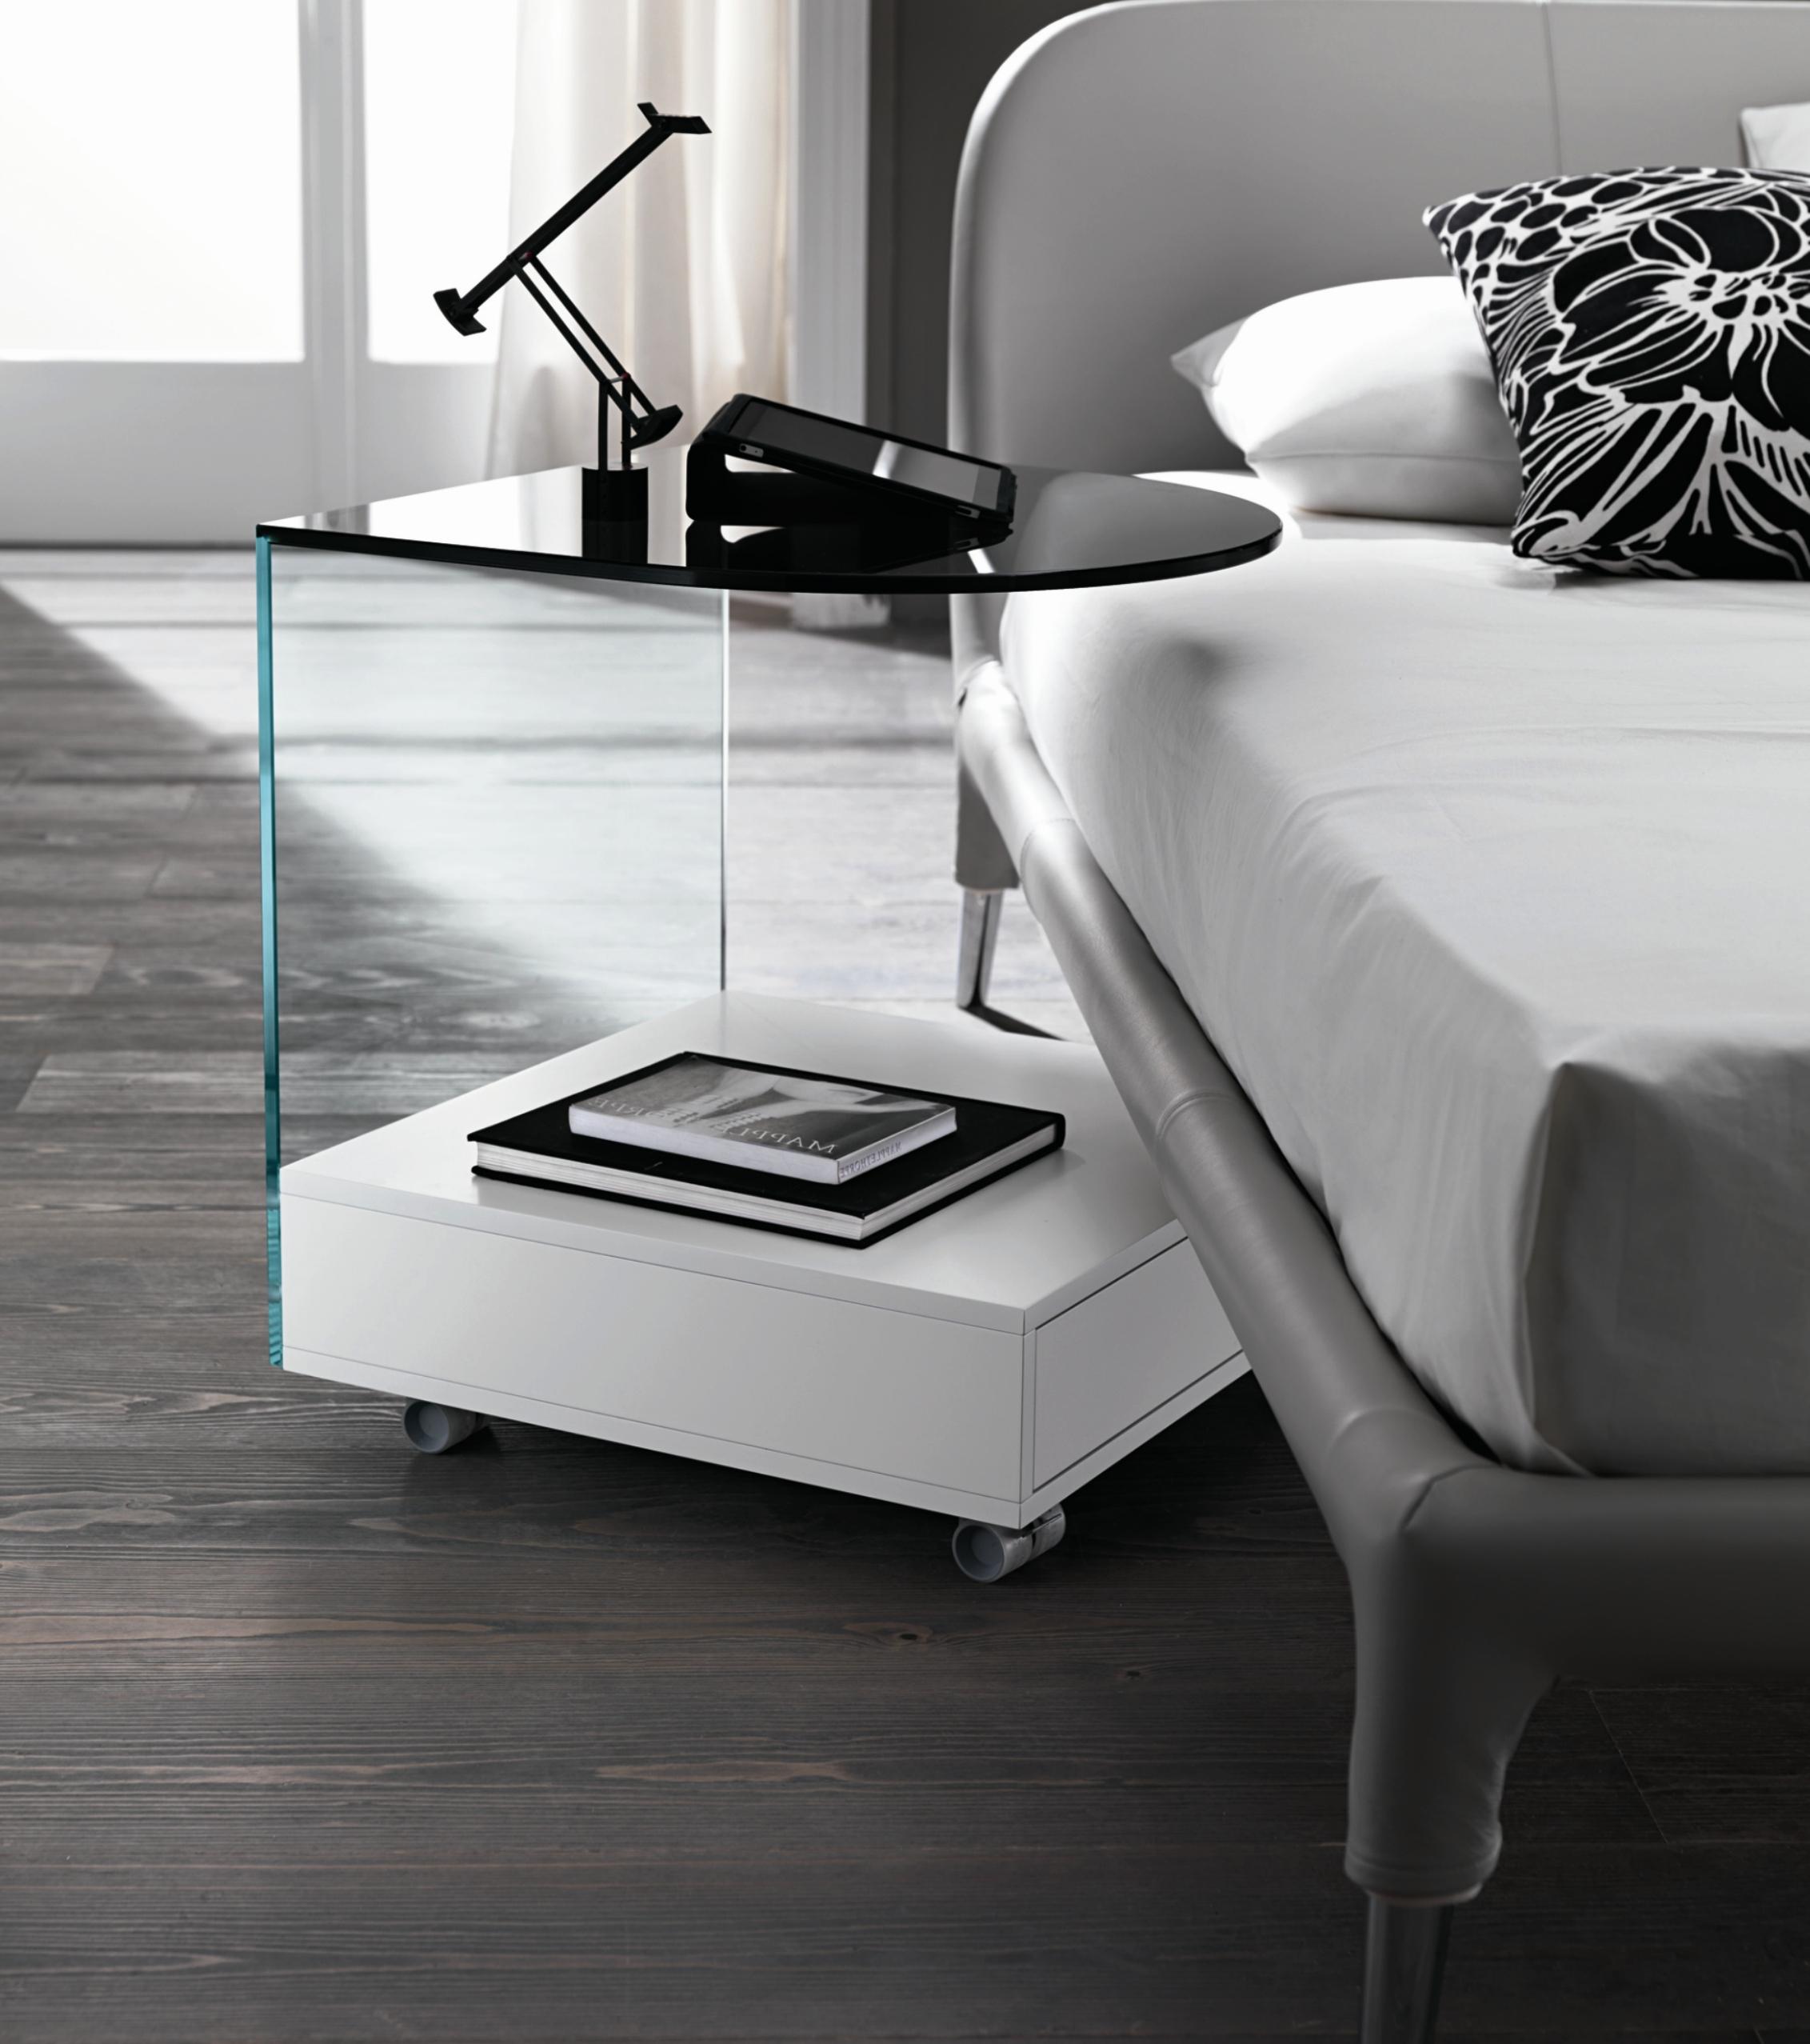 пластиковый столик из стекла с полкой внизу